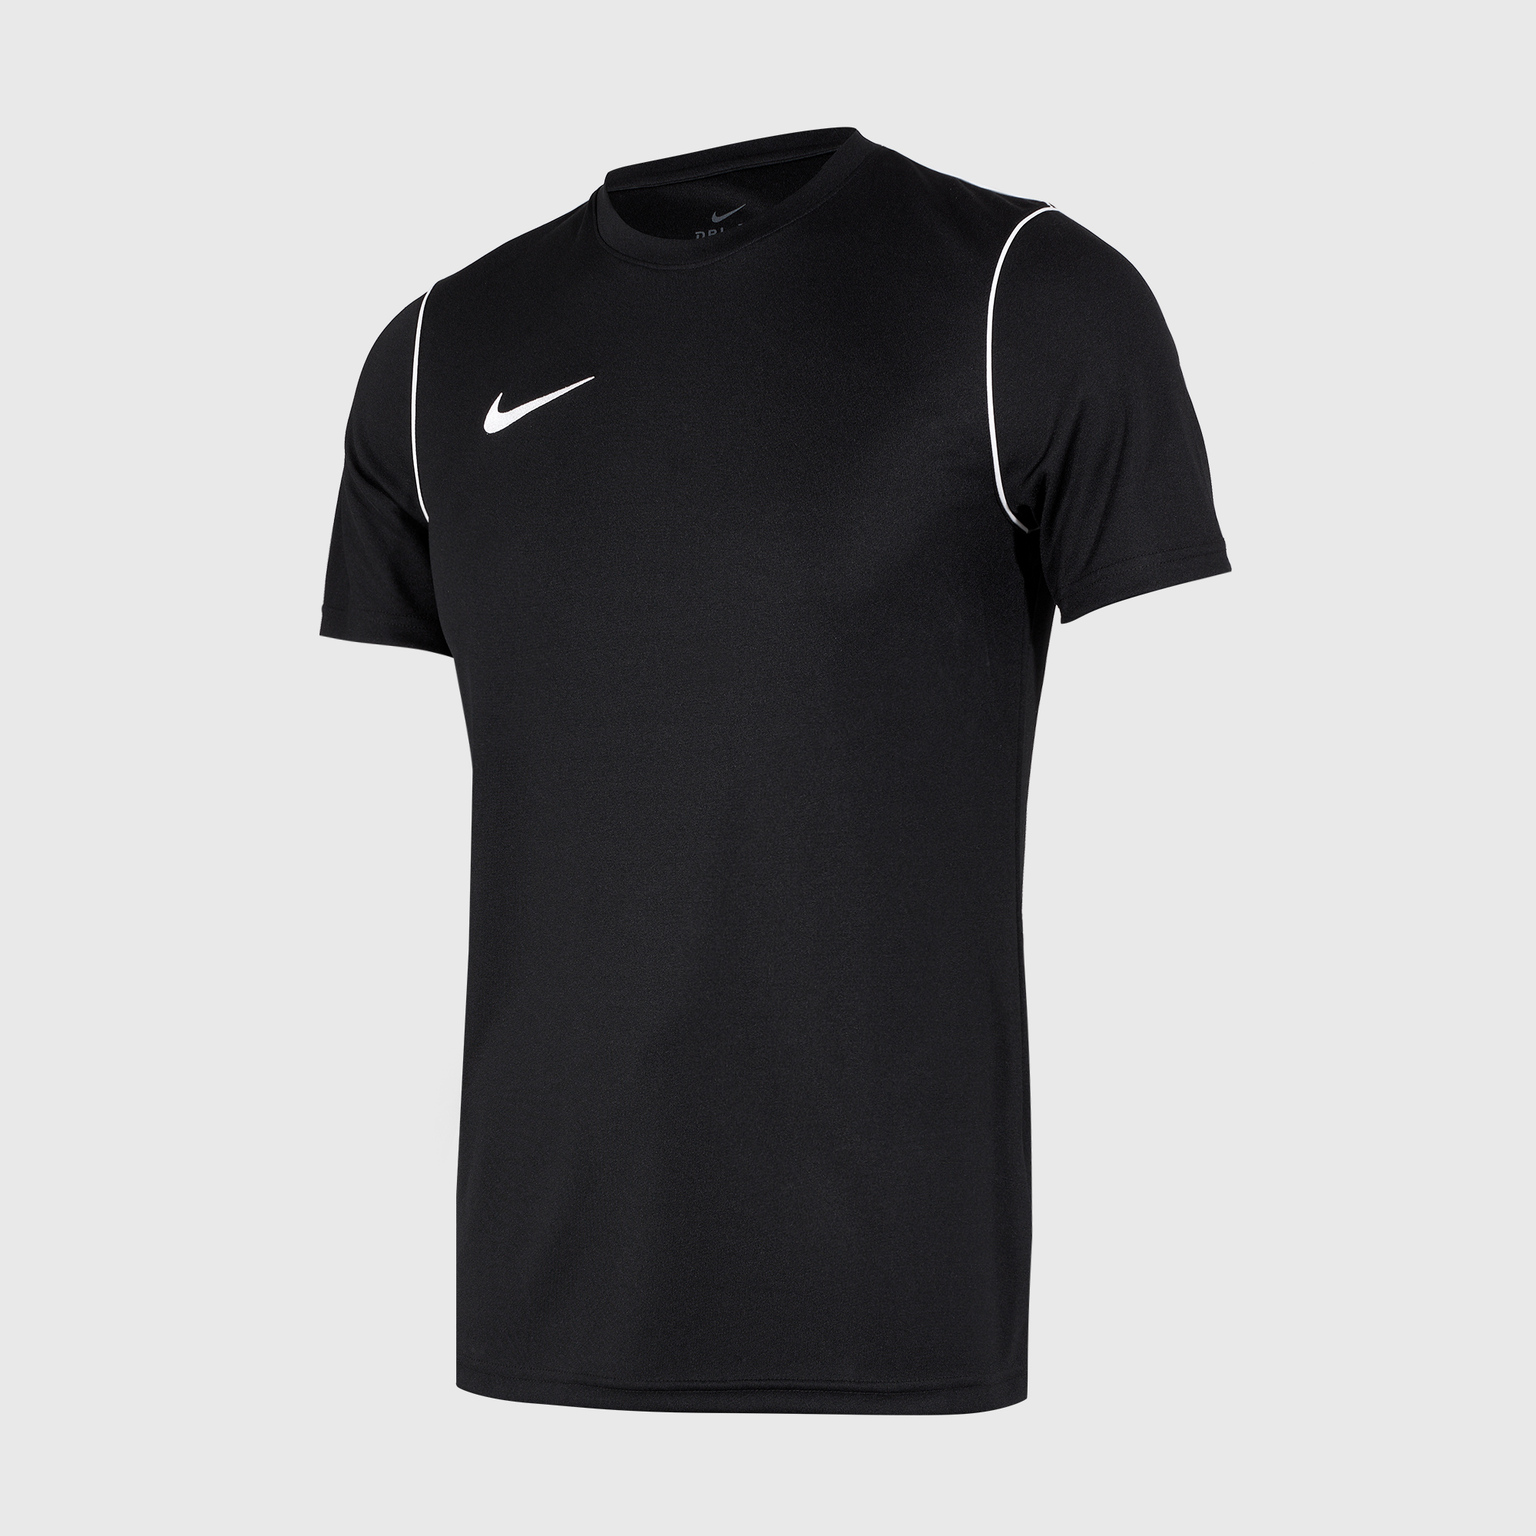 Футболка тренировочная Nike Dry Park20 BV6883-010